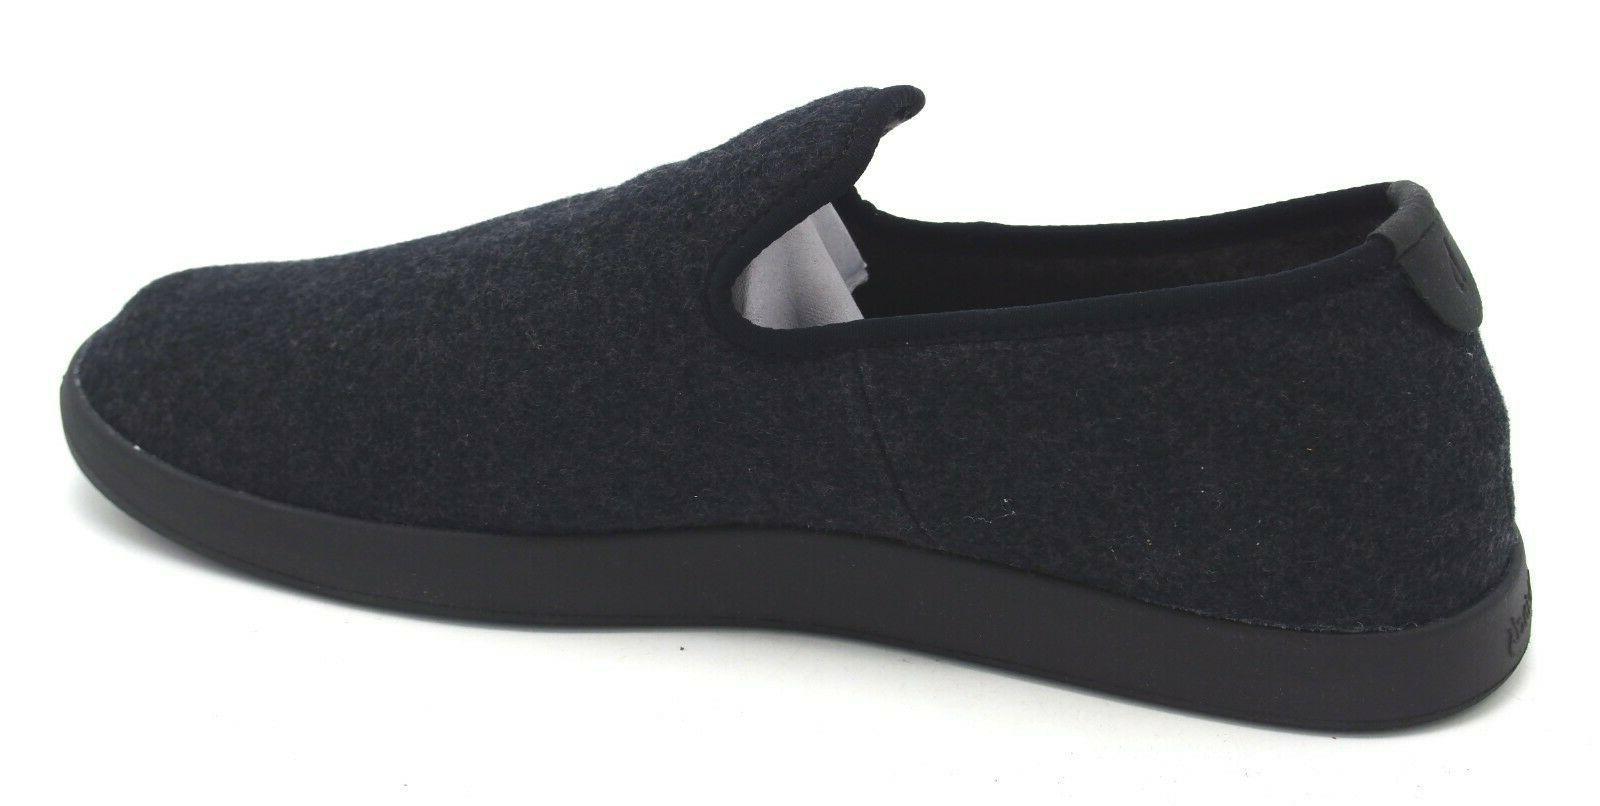 New Box Allbirds Wool Lounger Loafer Black Plum Gray